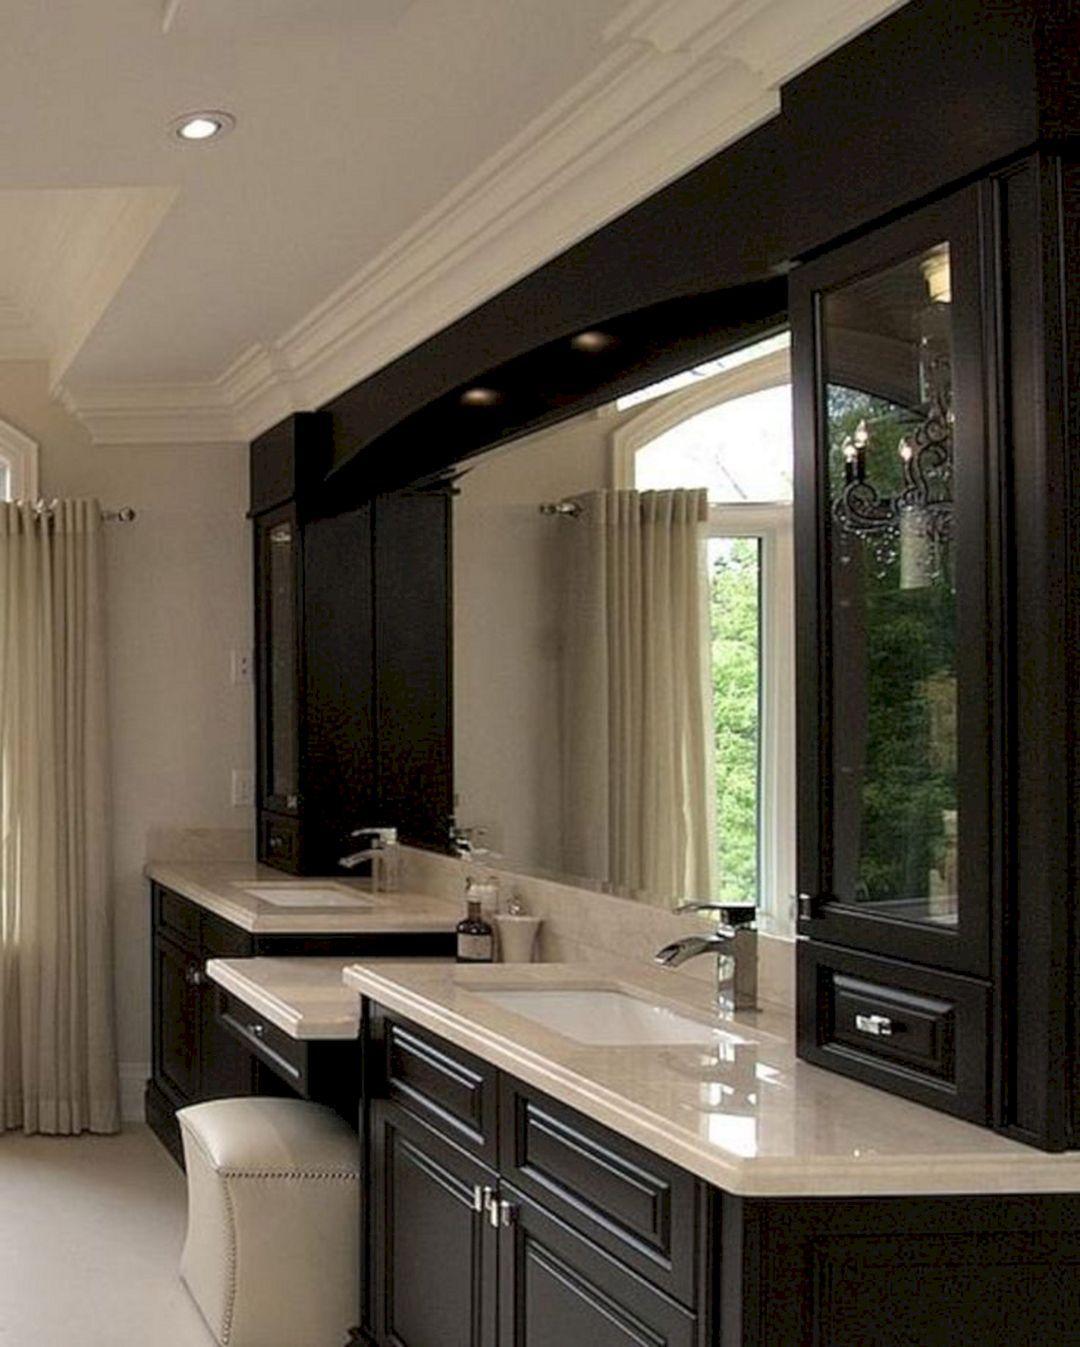 22 unique bathroom vanities design ideas you never seen